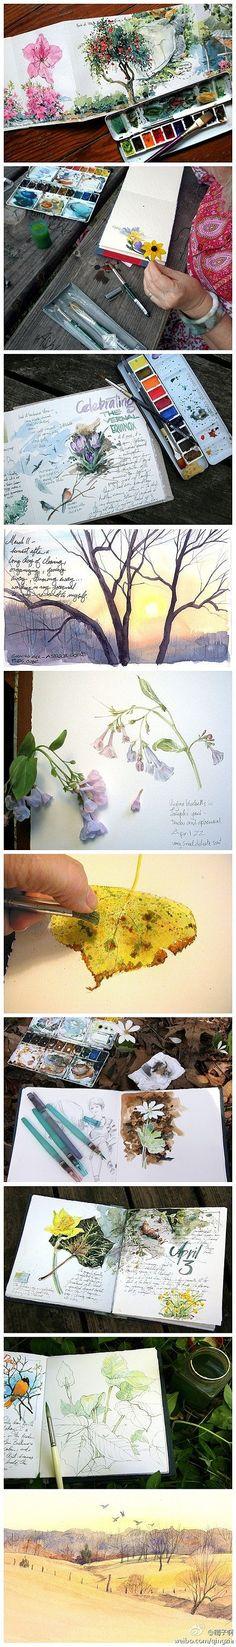 手工DIY 手绘 插画手绘 植物花卉 水彩 美国自由艺术家Cathy Johnson的手绘本,一…